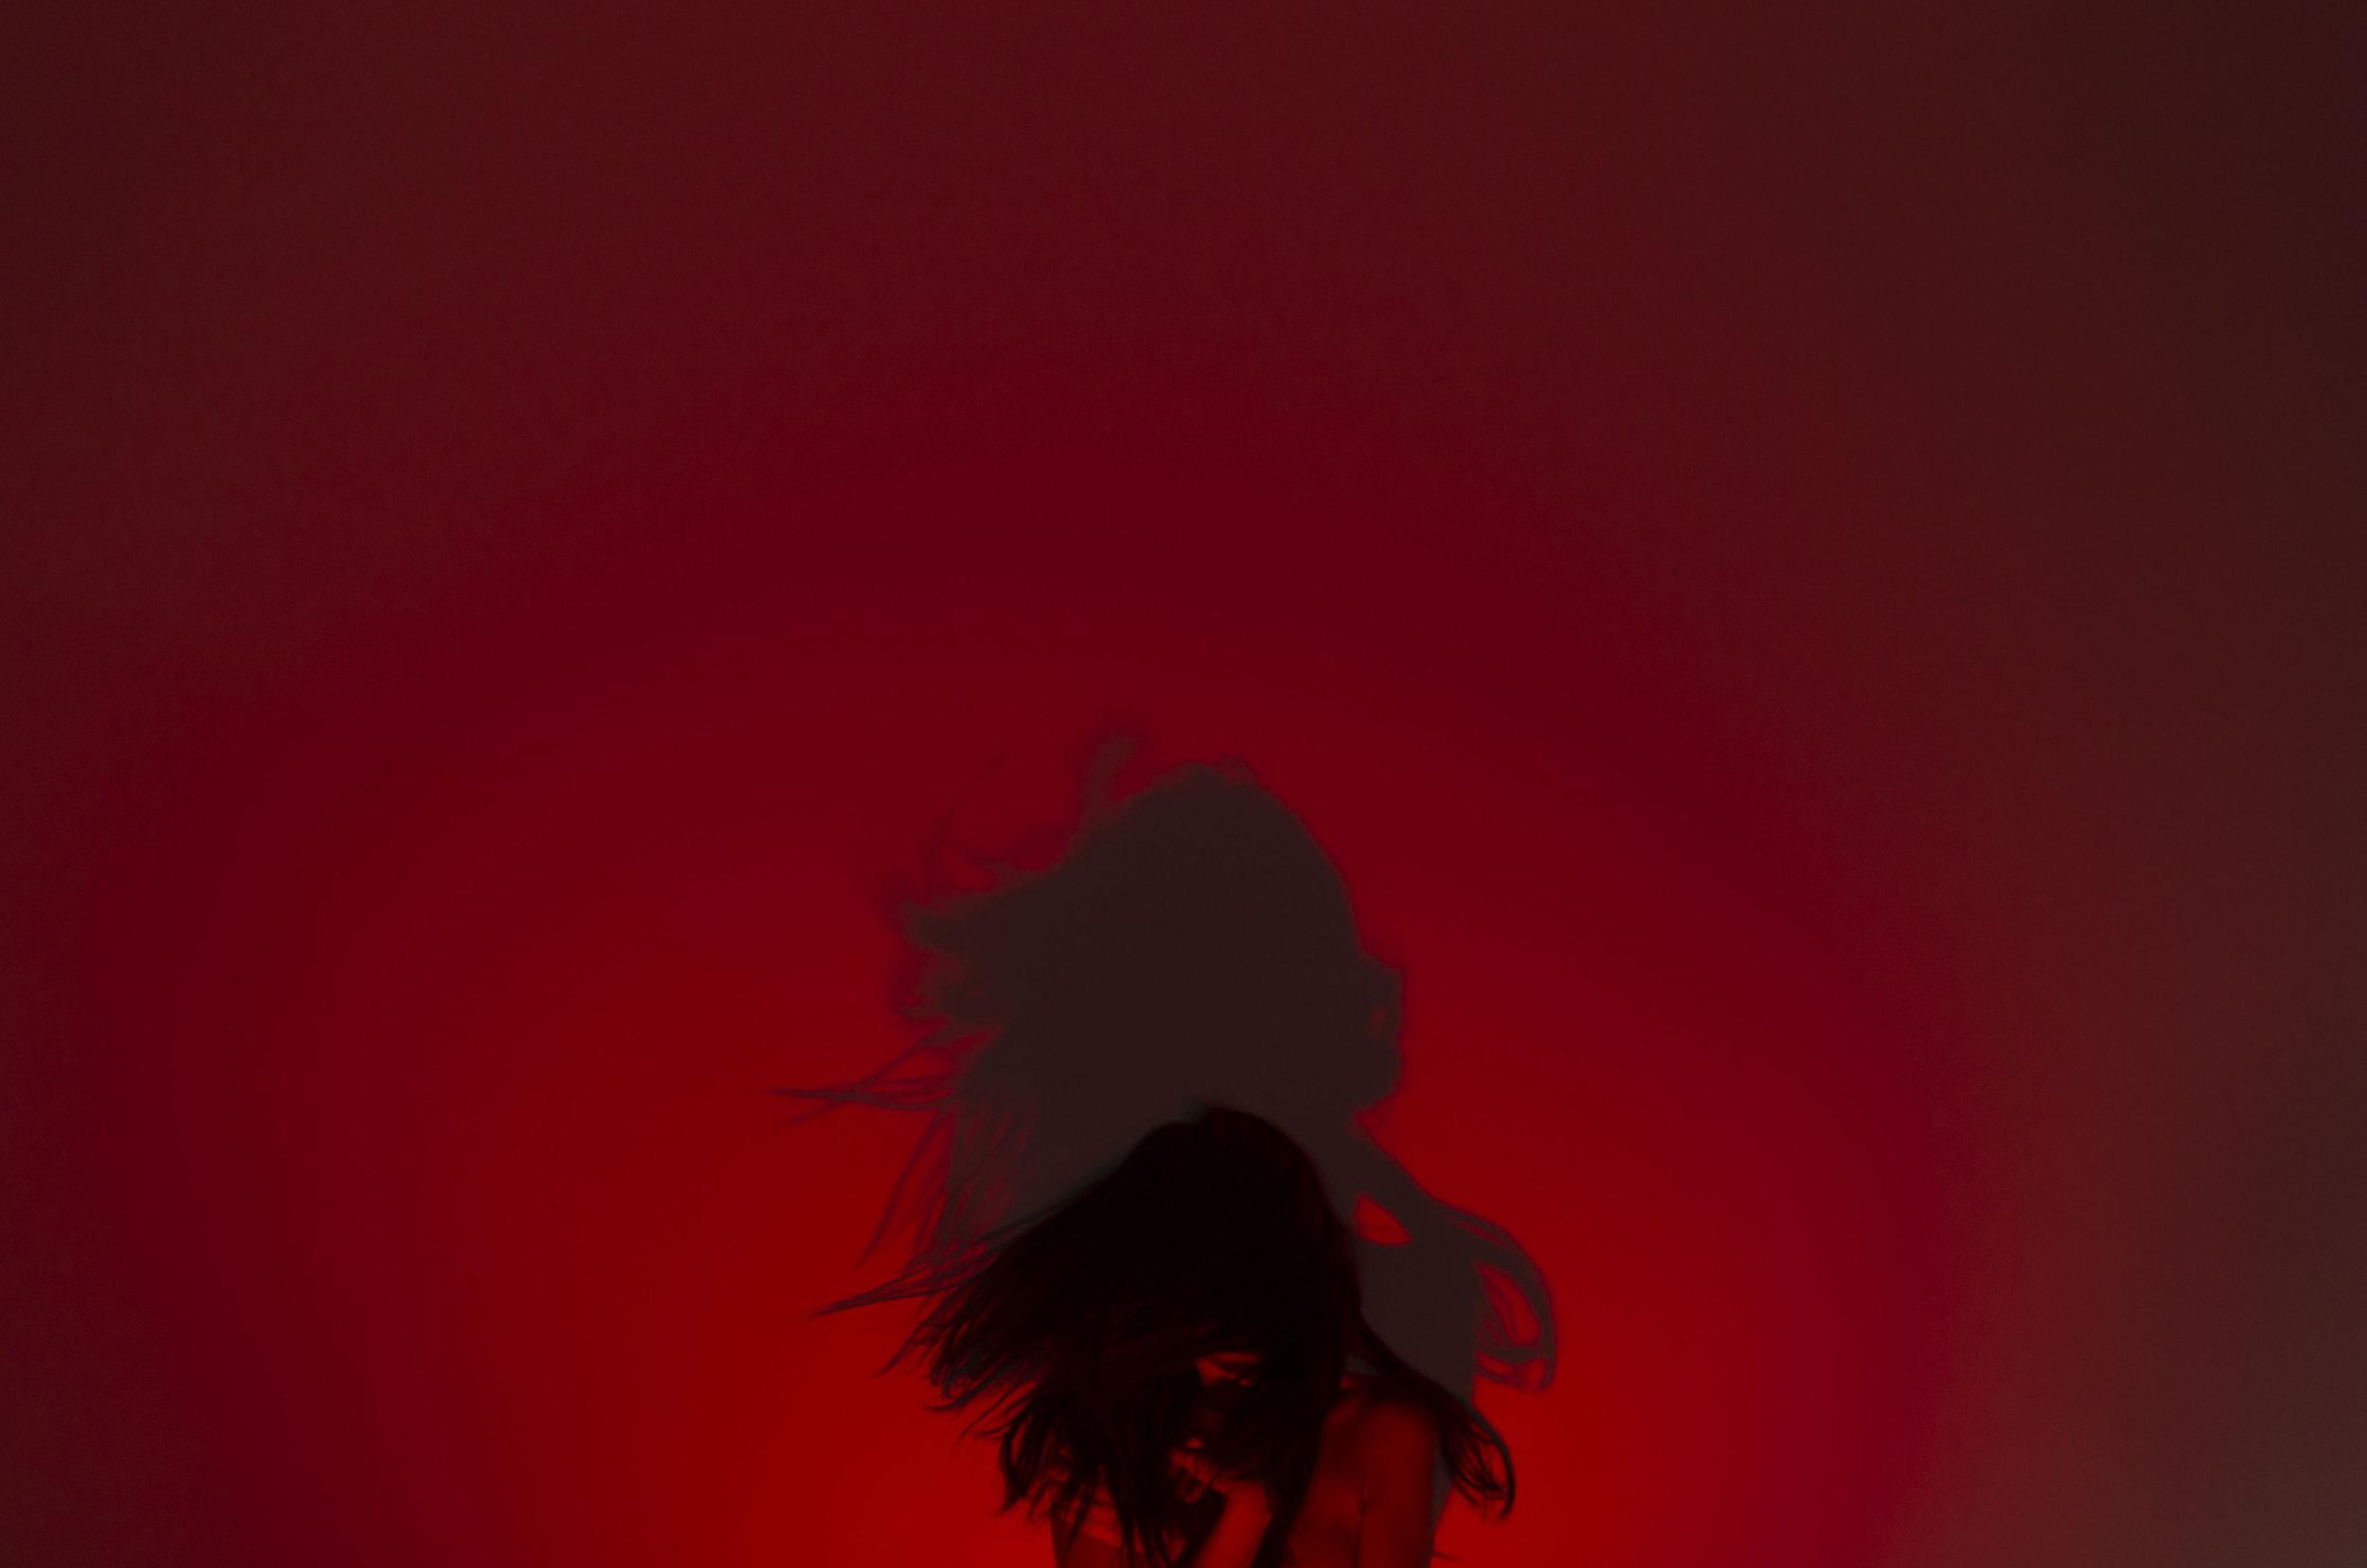 Cielo Escondido - Génesis Rosales